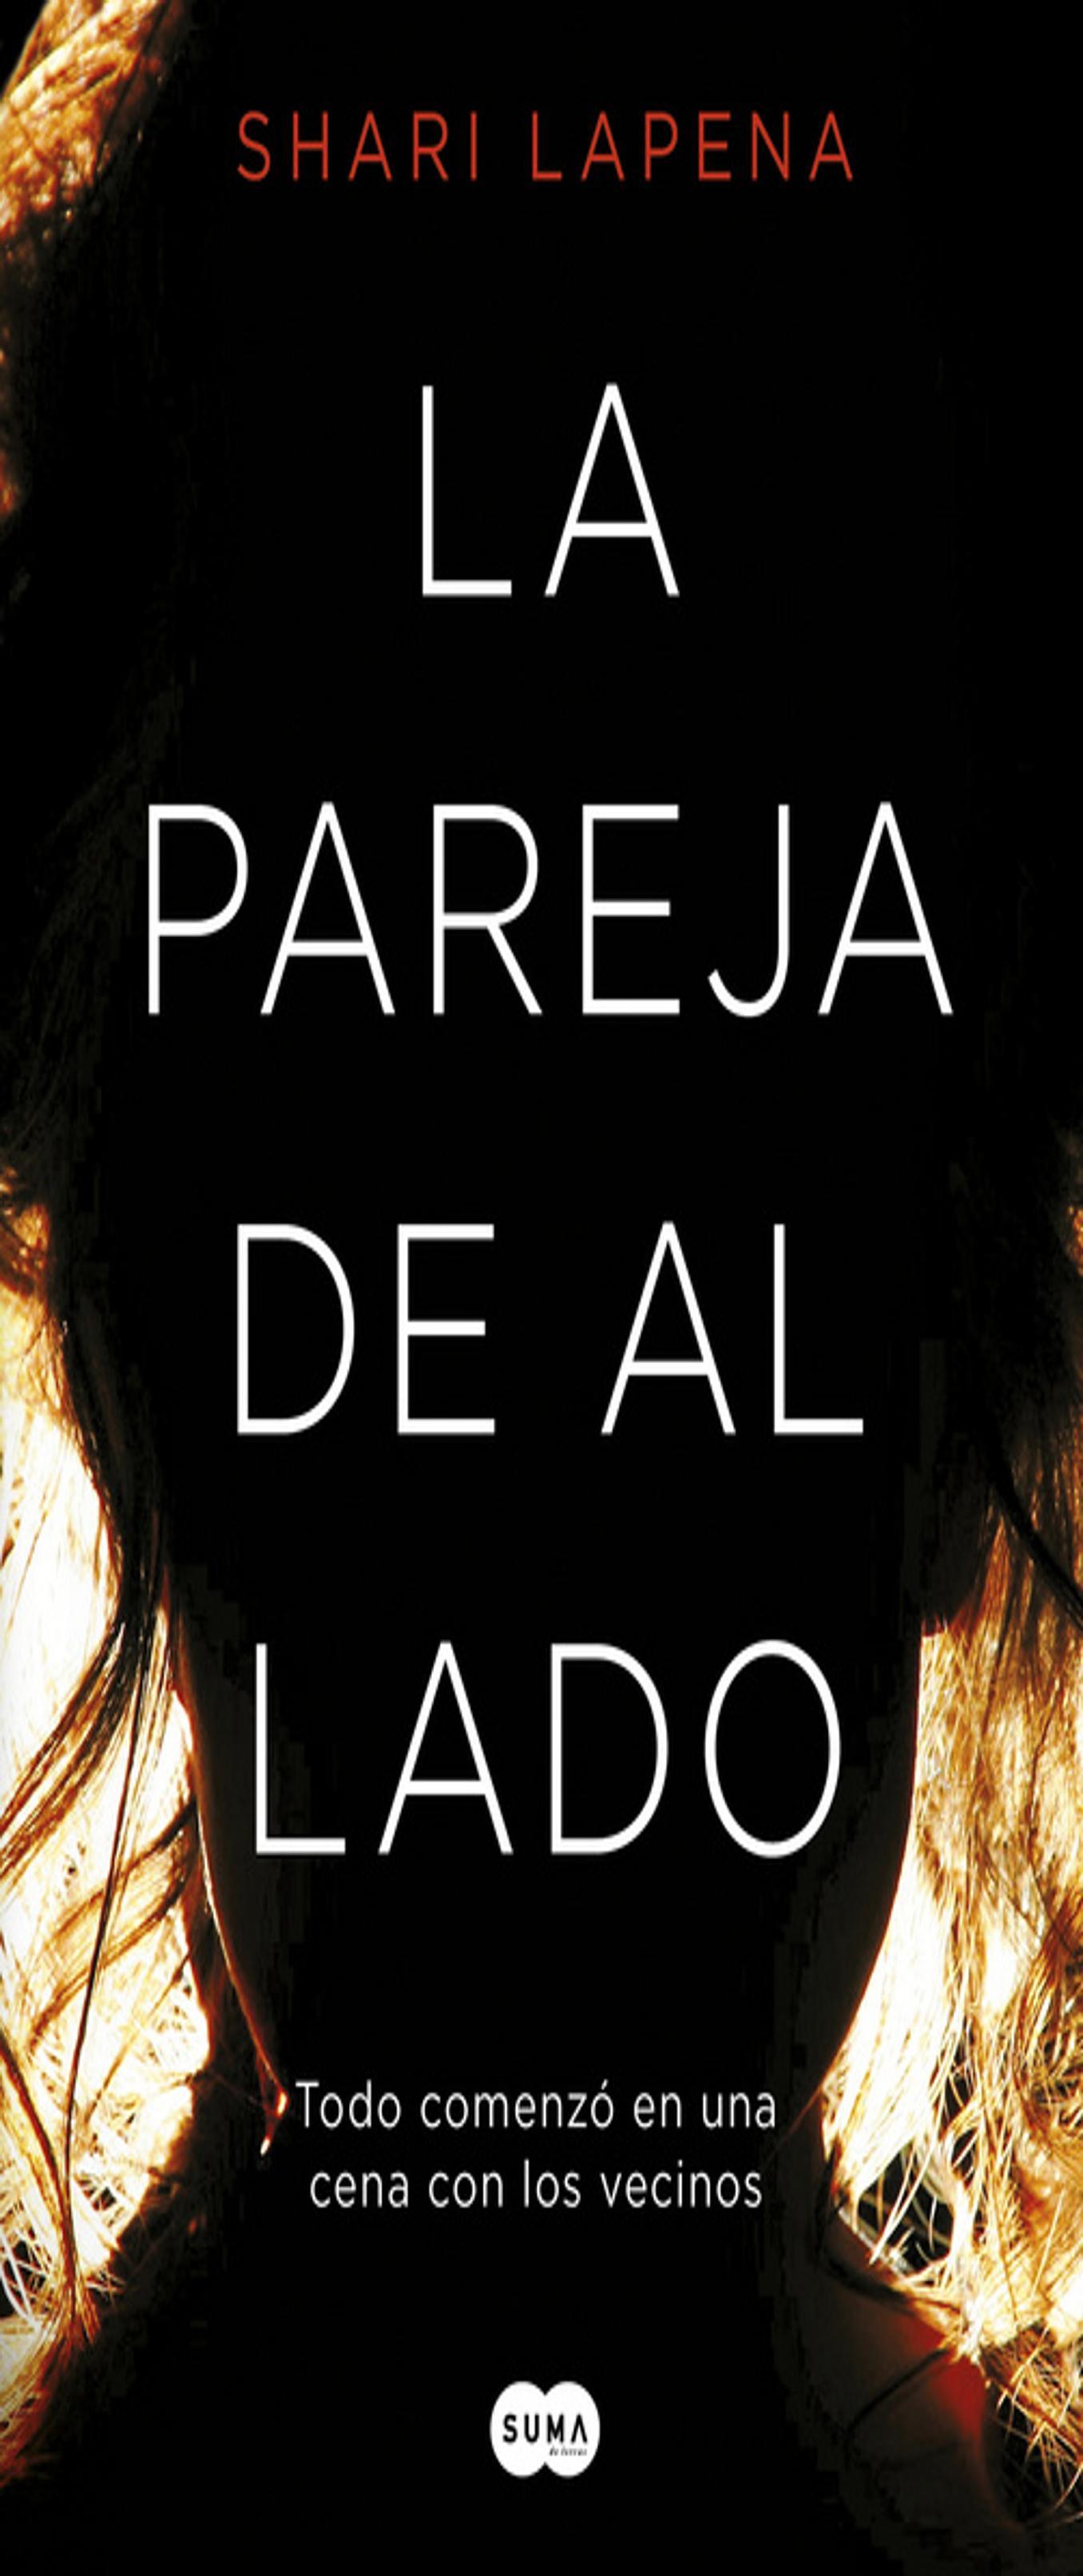 PAREJA DE AL LADO, LA